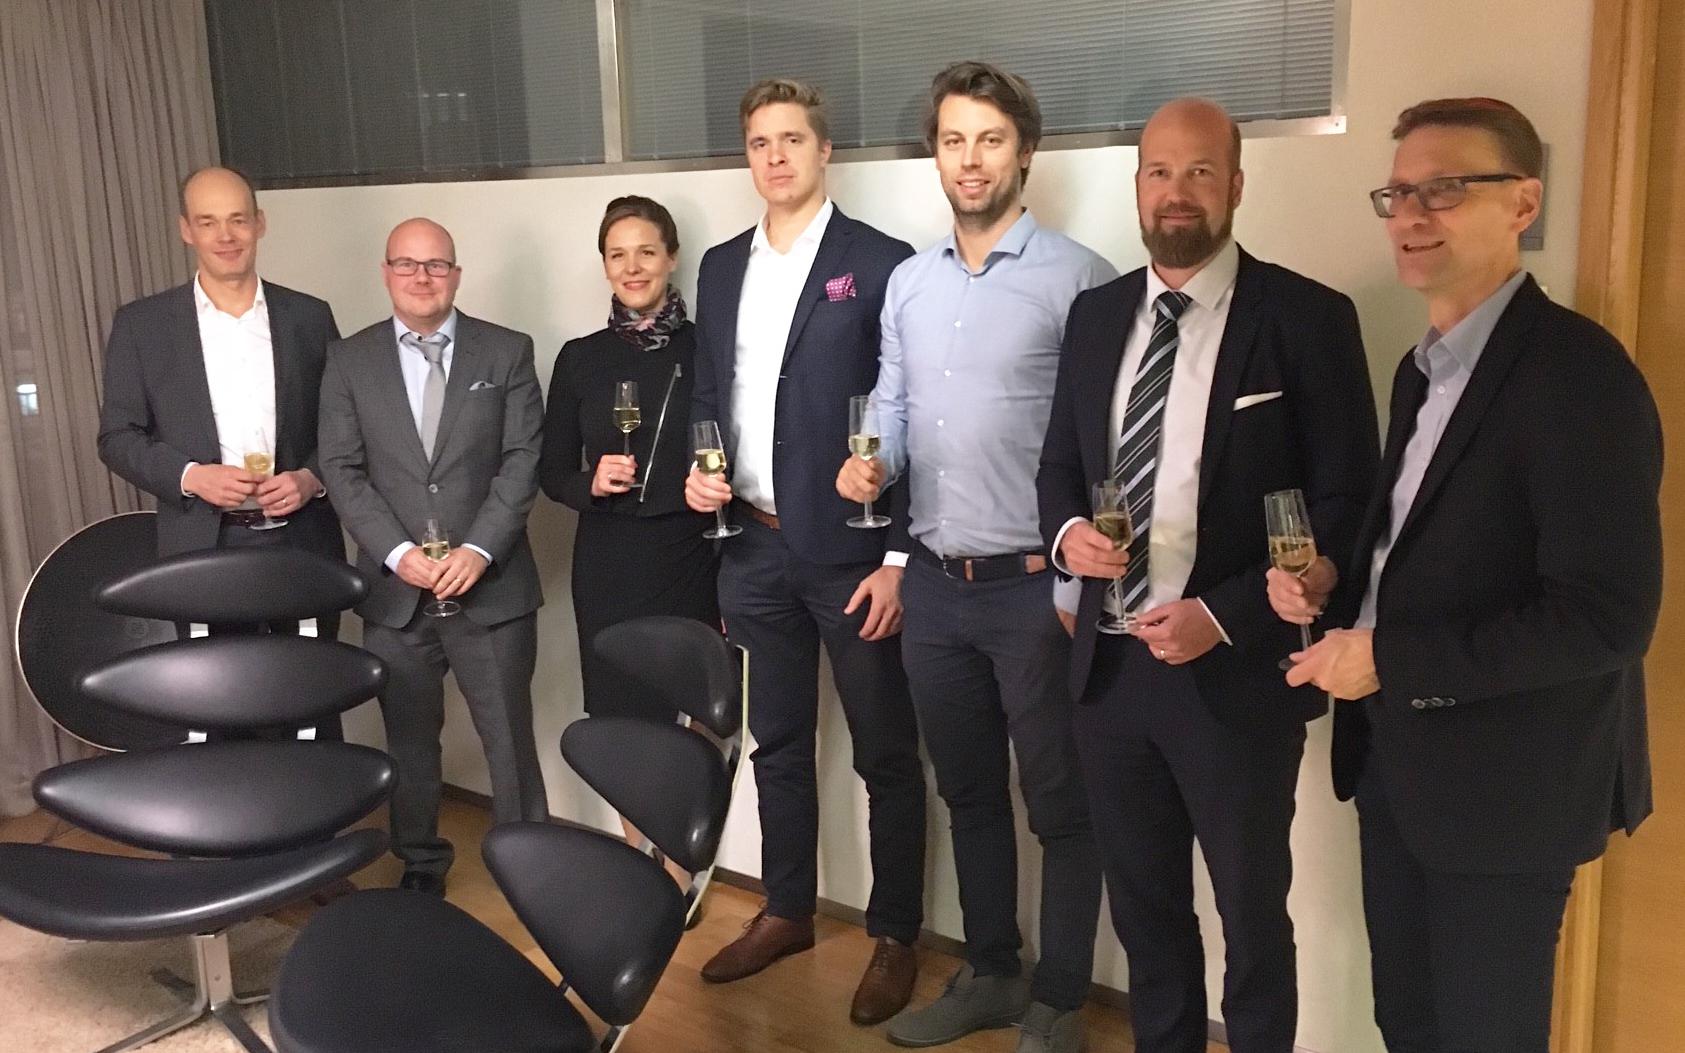 Vasemmalta Tapio Räsänen, Jani Pihl, Maarit Pihl, Antti Lehtomäki, Heikki Lampinen, Mikko Törmänen, Jari Haavisto.